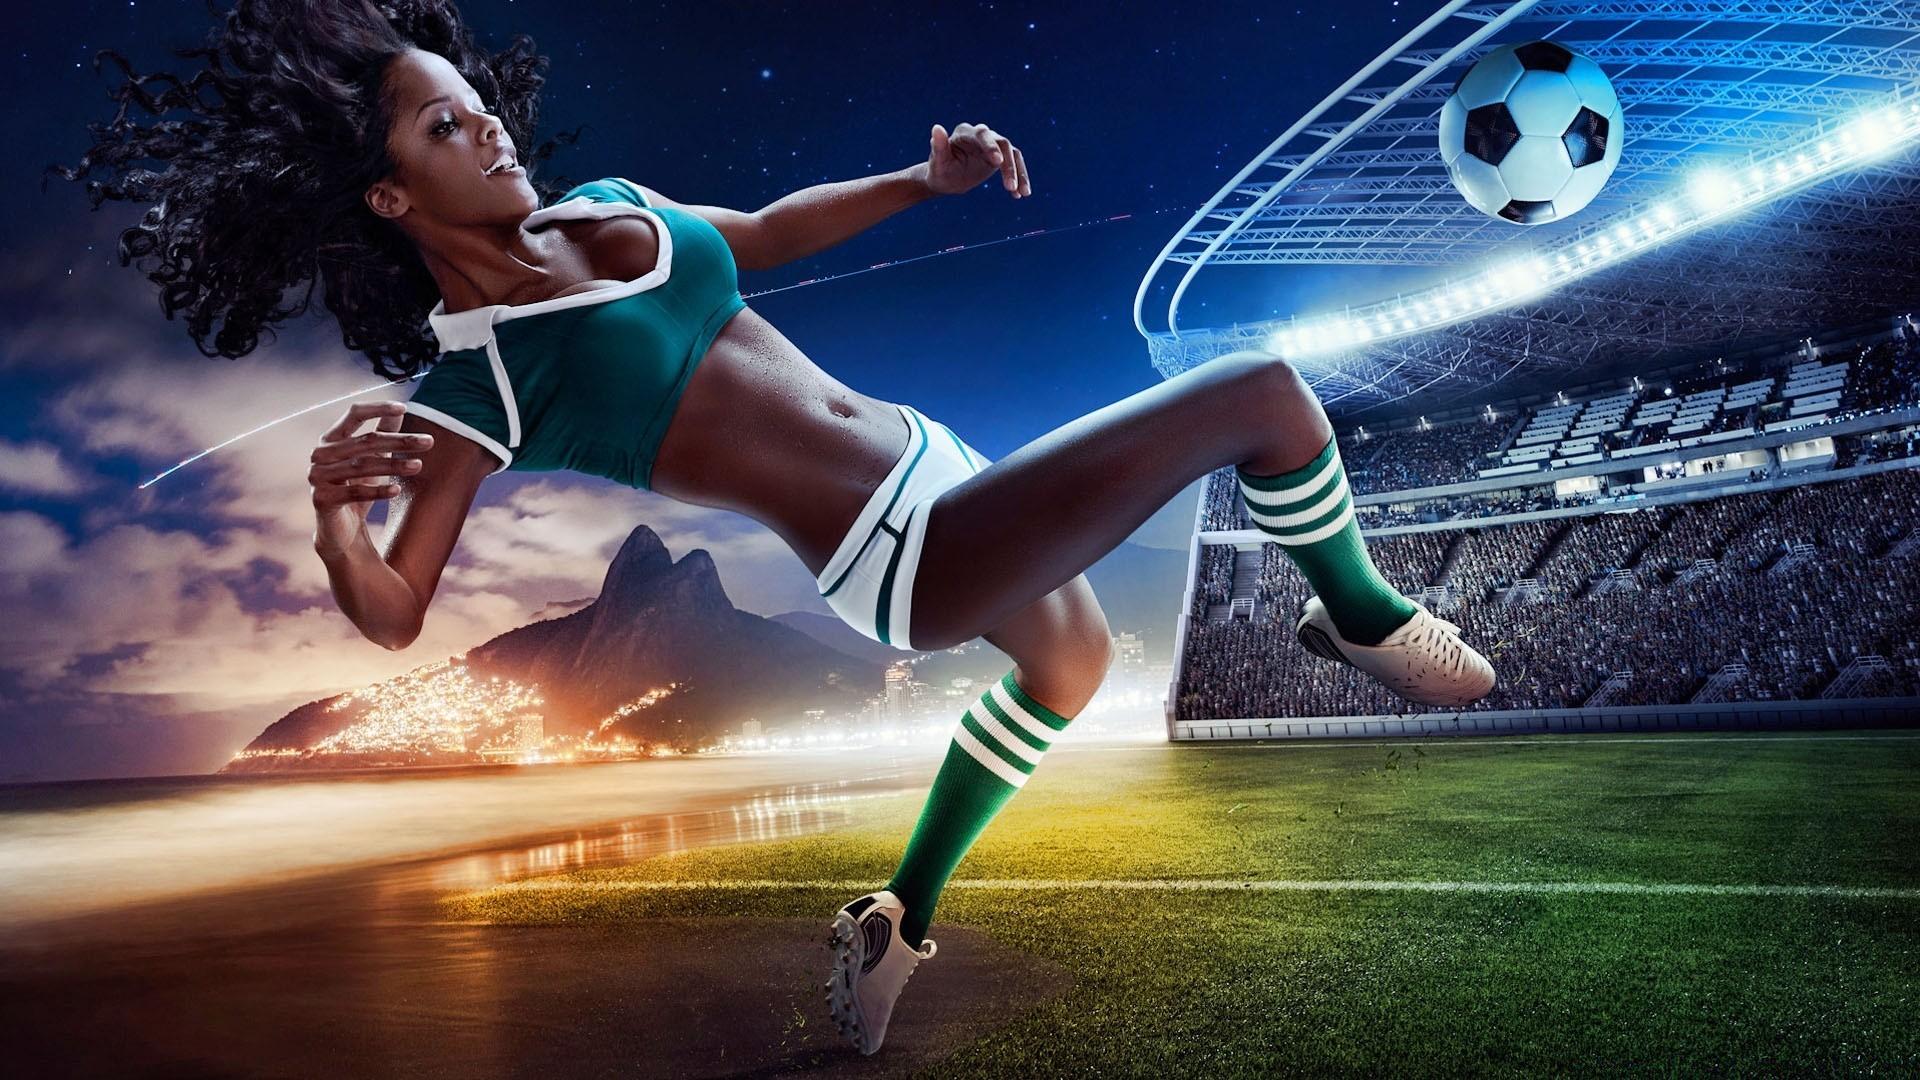 Классные картинки спорт